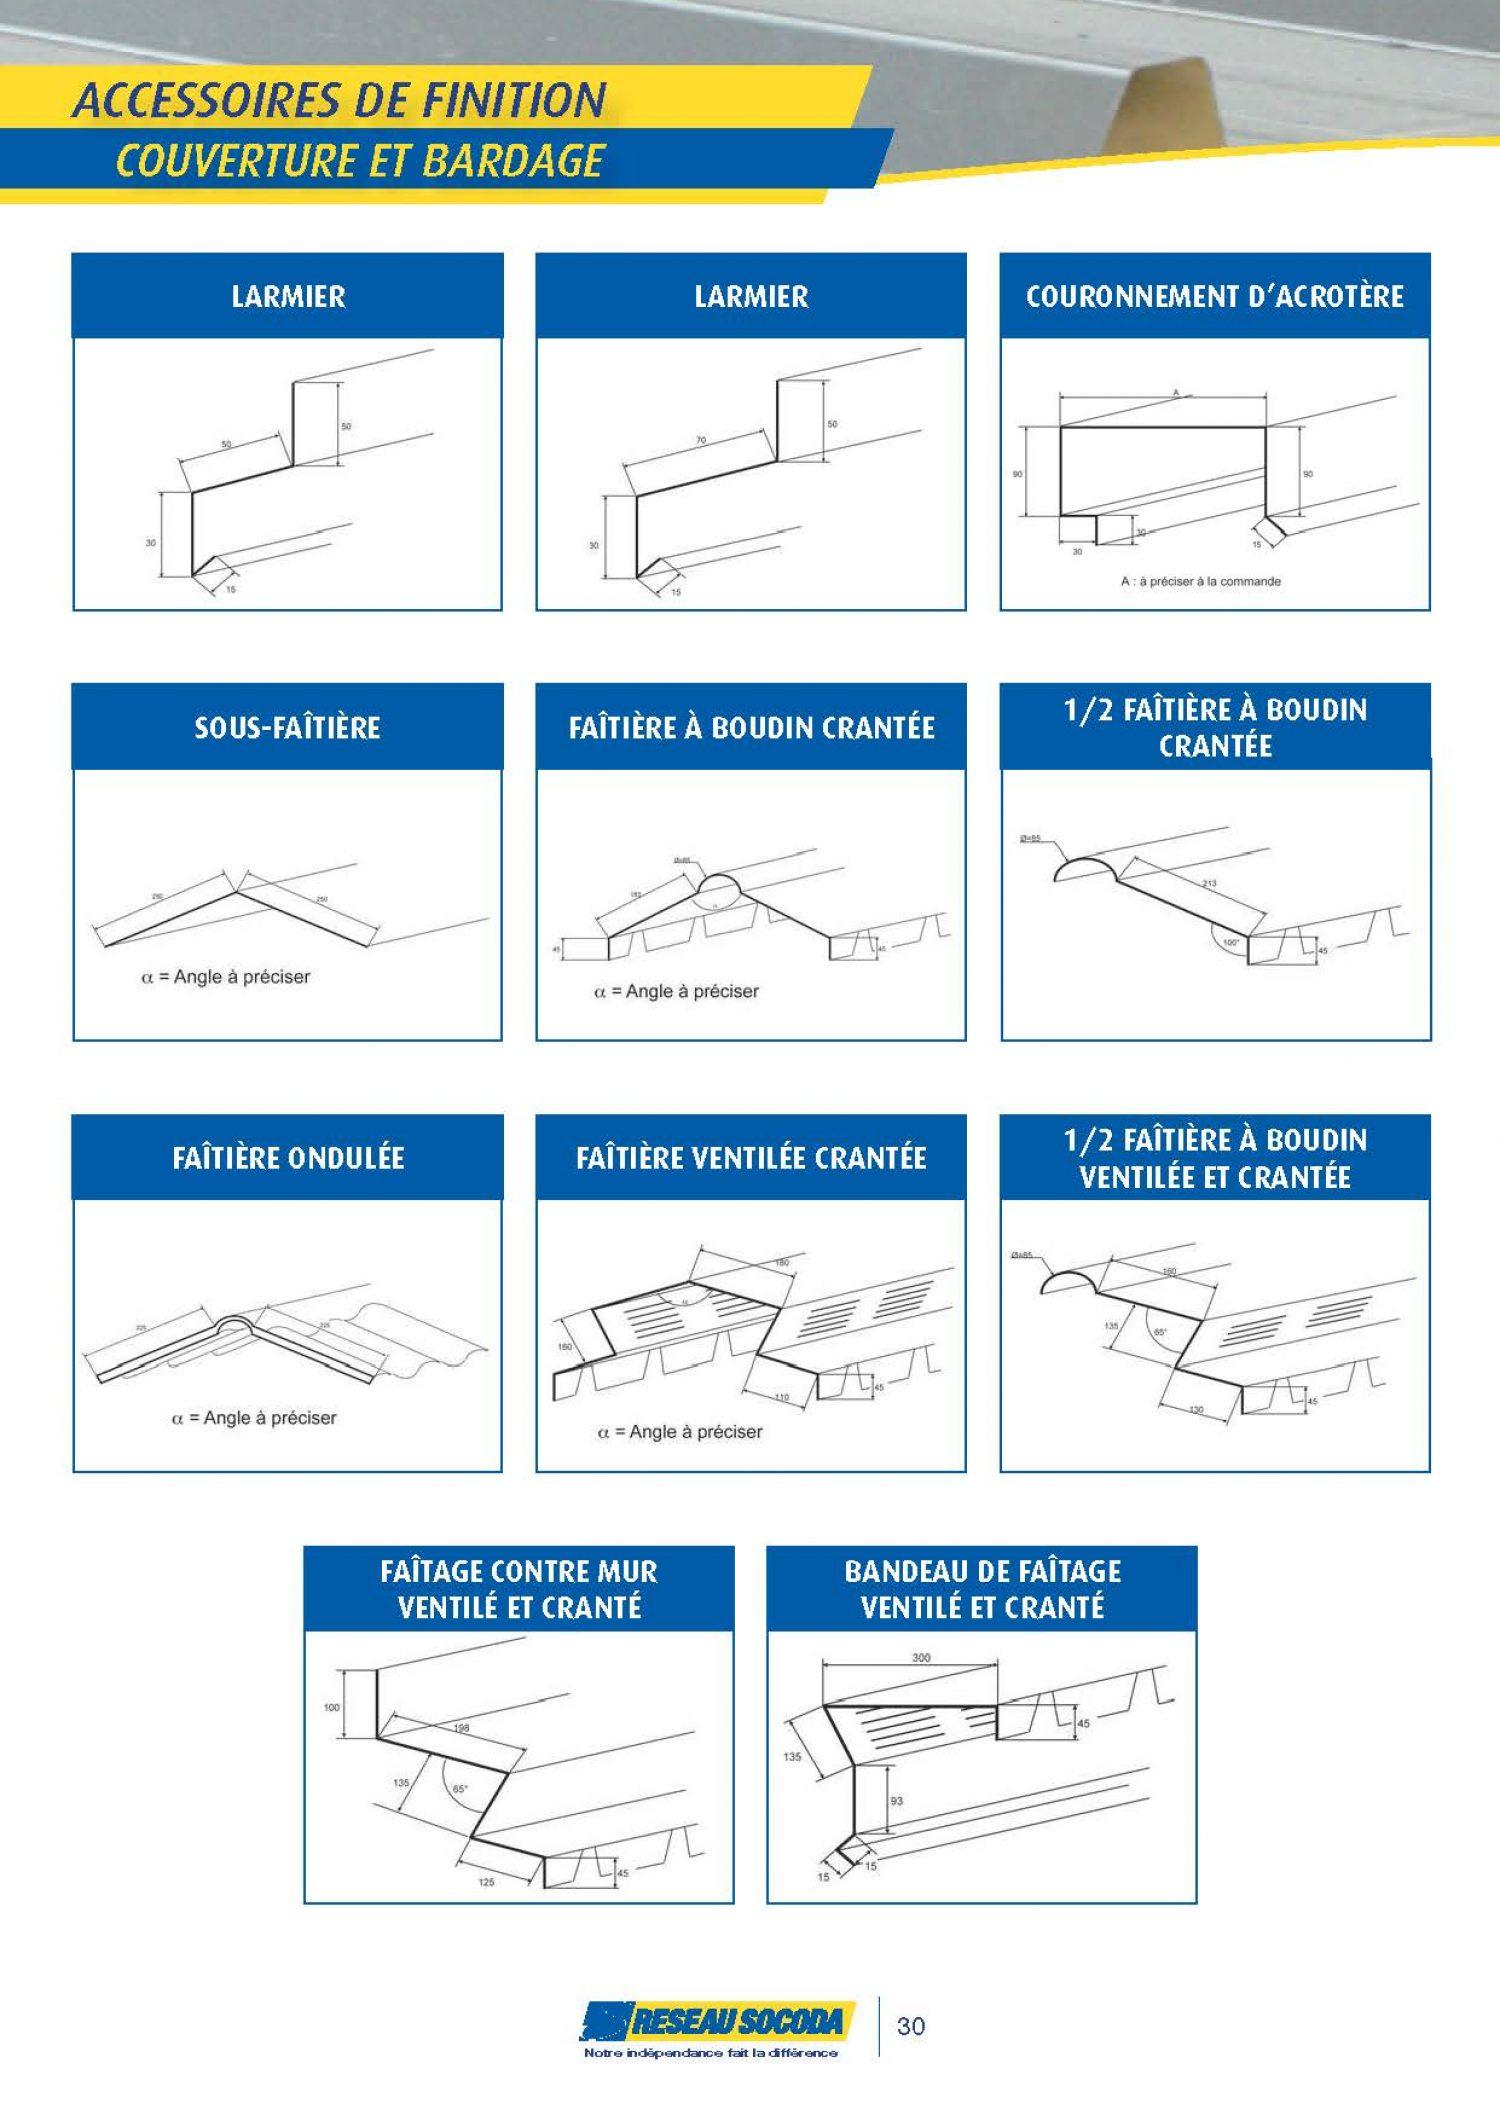 GERMOND_2014 PROFIL BATIMENT_20140324-184231_Page_30